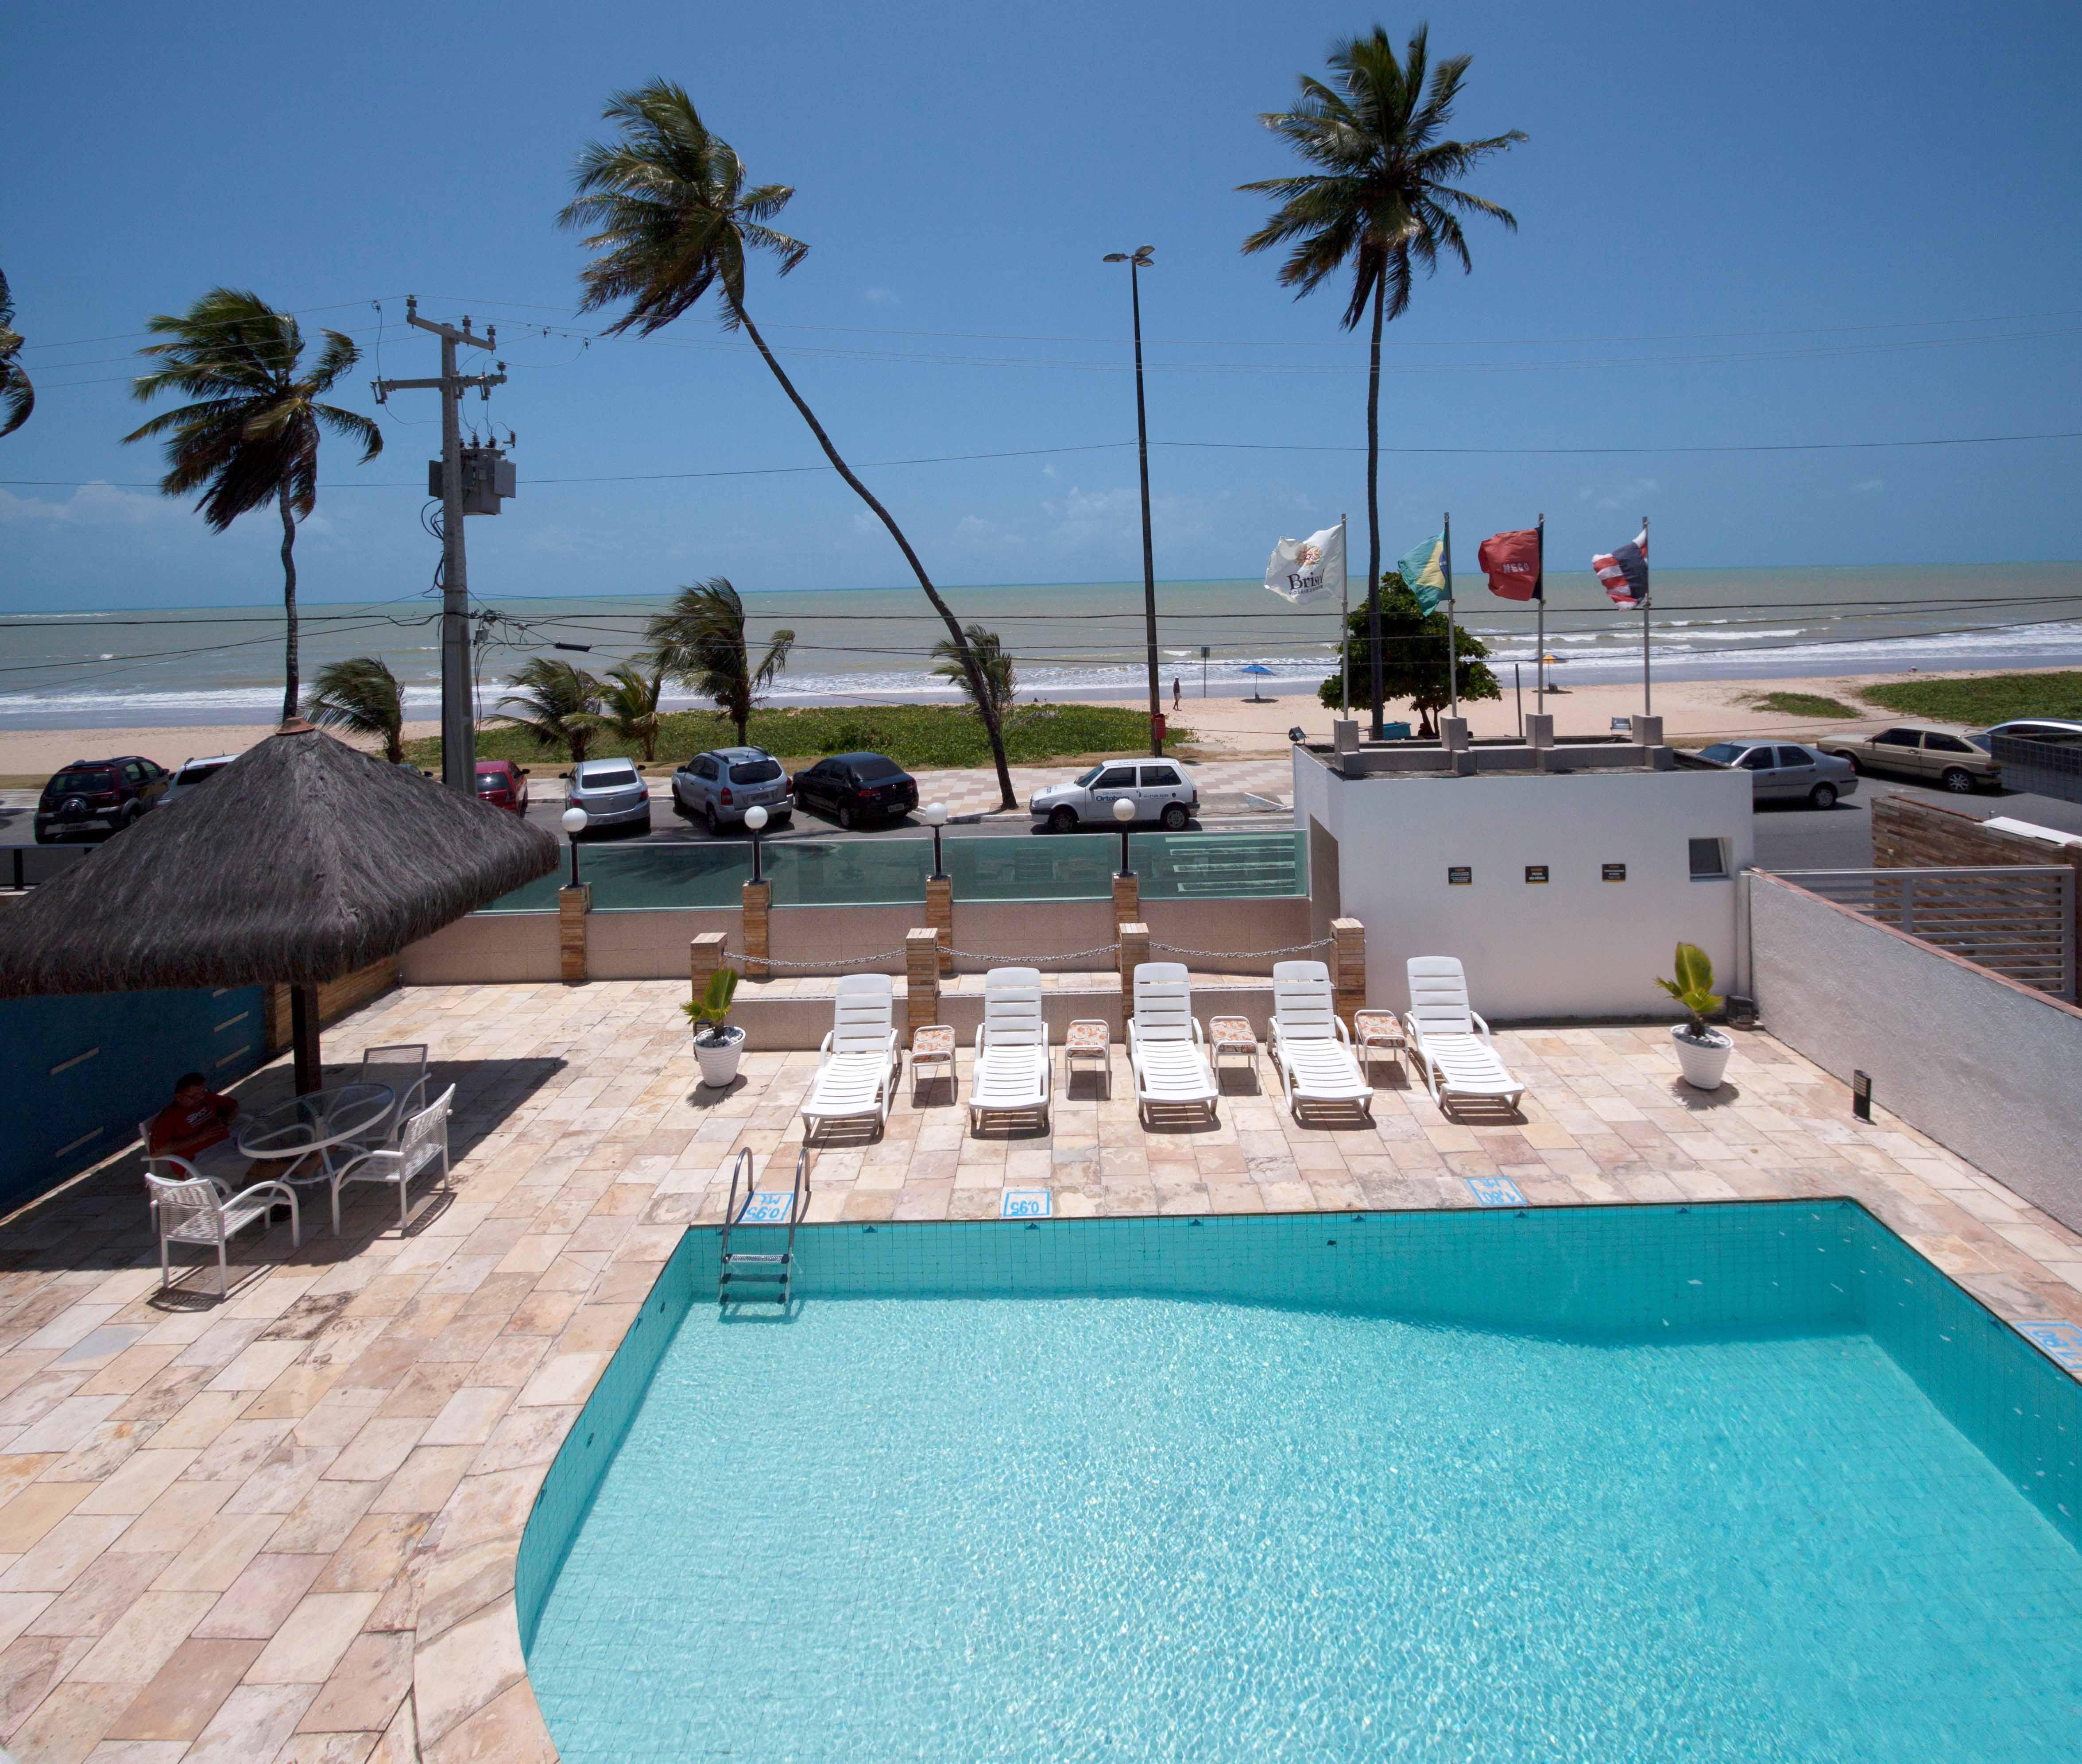 Brisol Hotel, João Pessoa